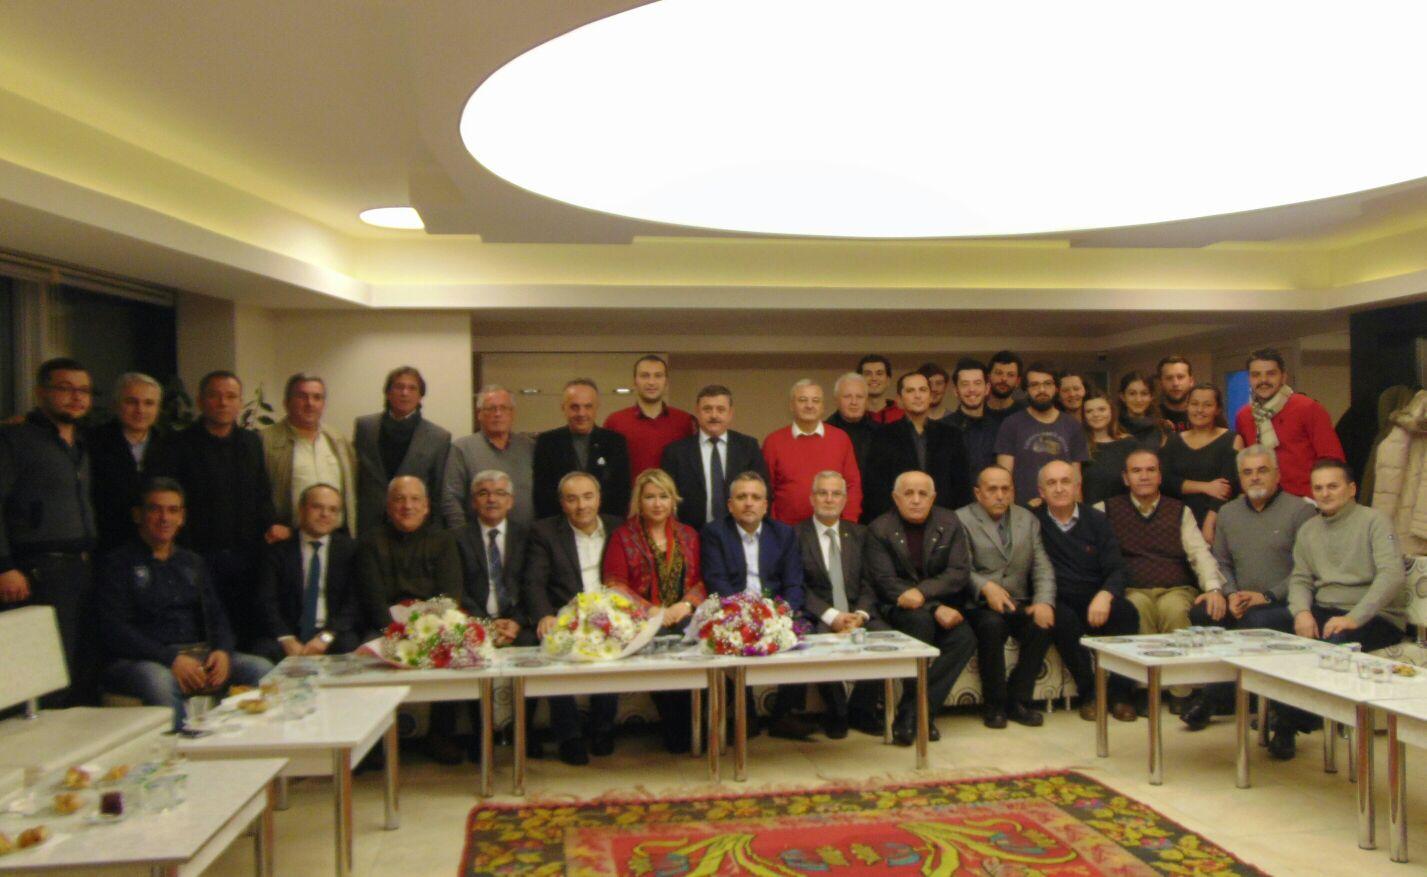 Rumeli Türk Dernekleri Federasyonu Bosna Sancak Derneğini ziyaret ett.